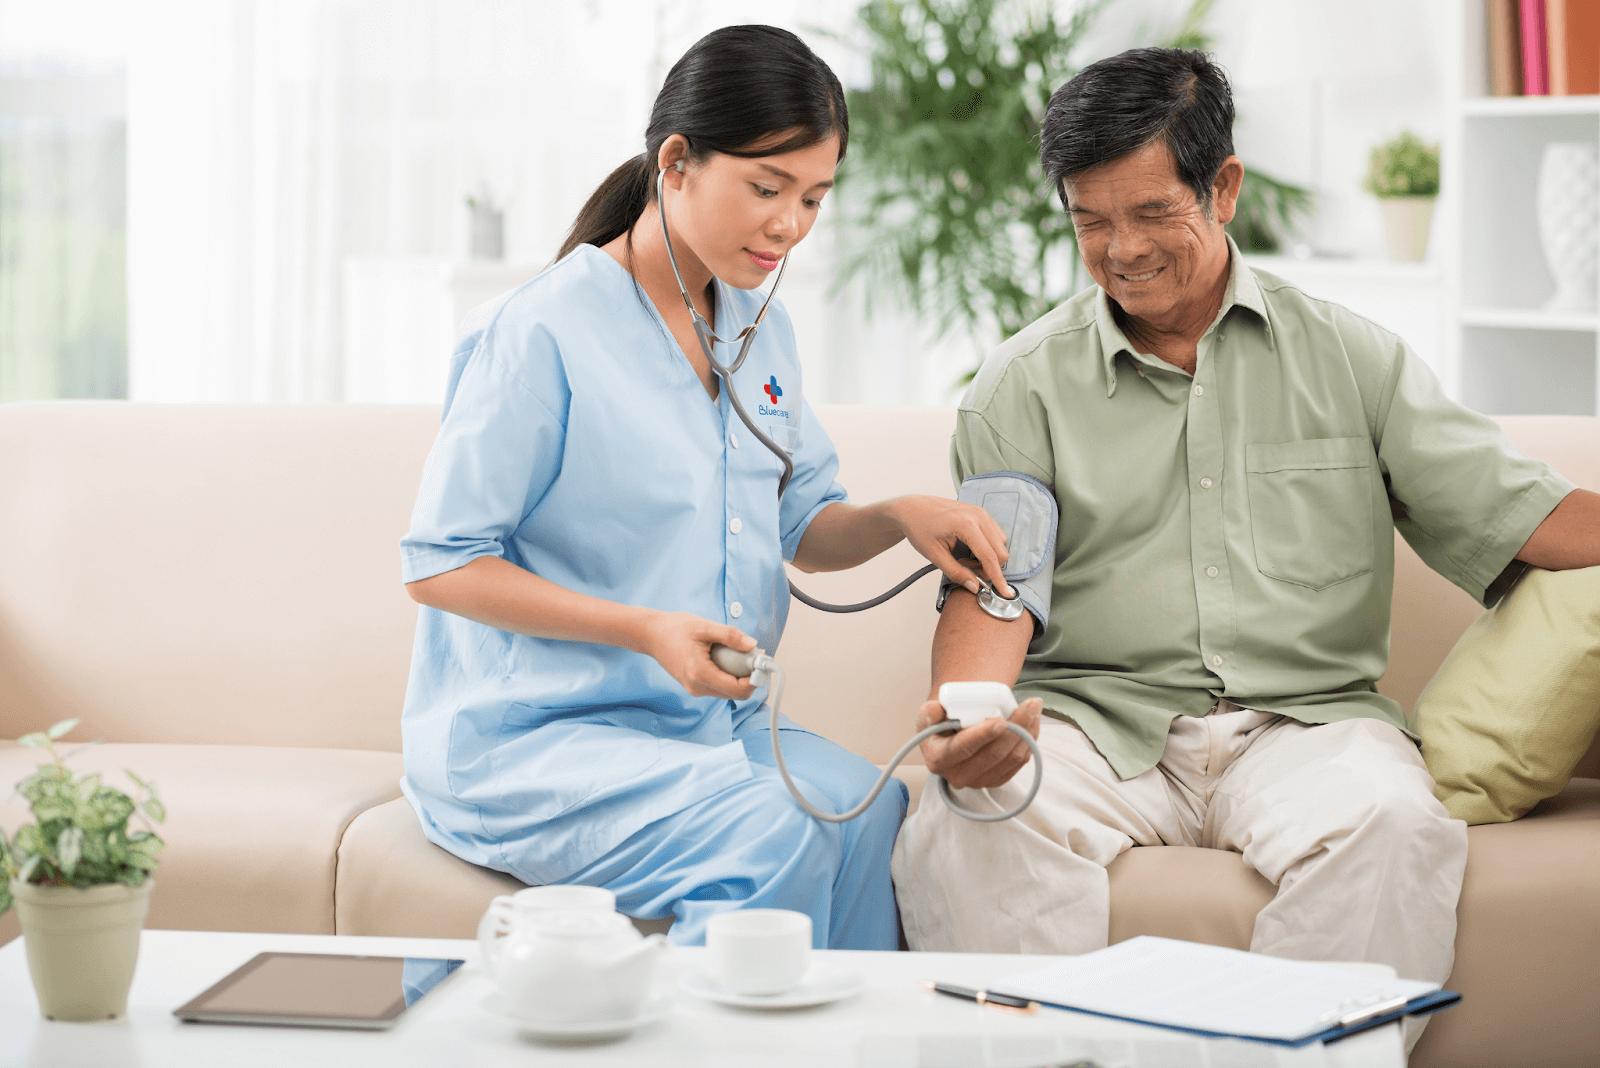 Đăng ký dịch vụ chăm sóc bệnh nhân Cần Thơ tại nhà qua ứng dụng AiHealth